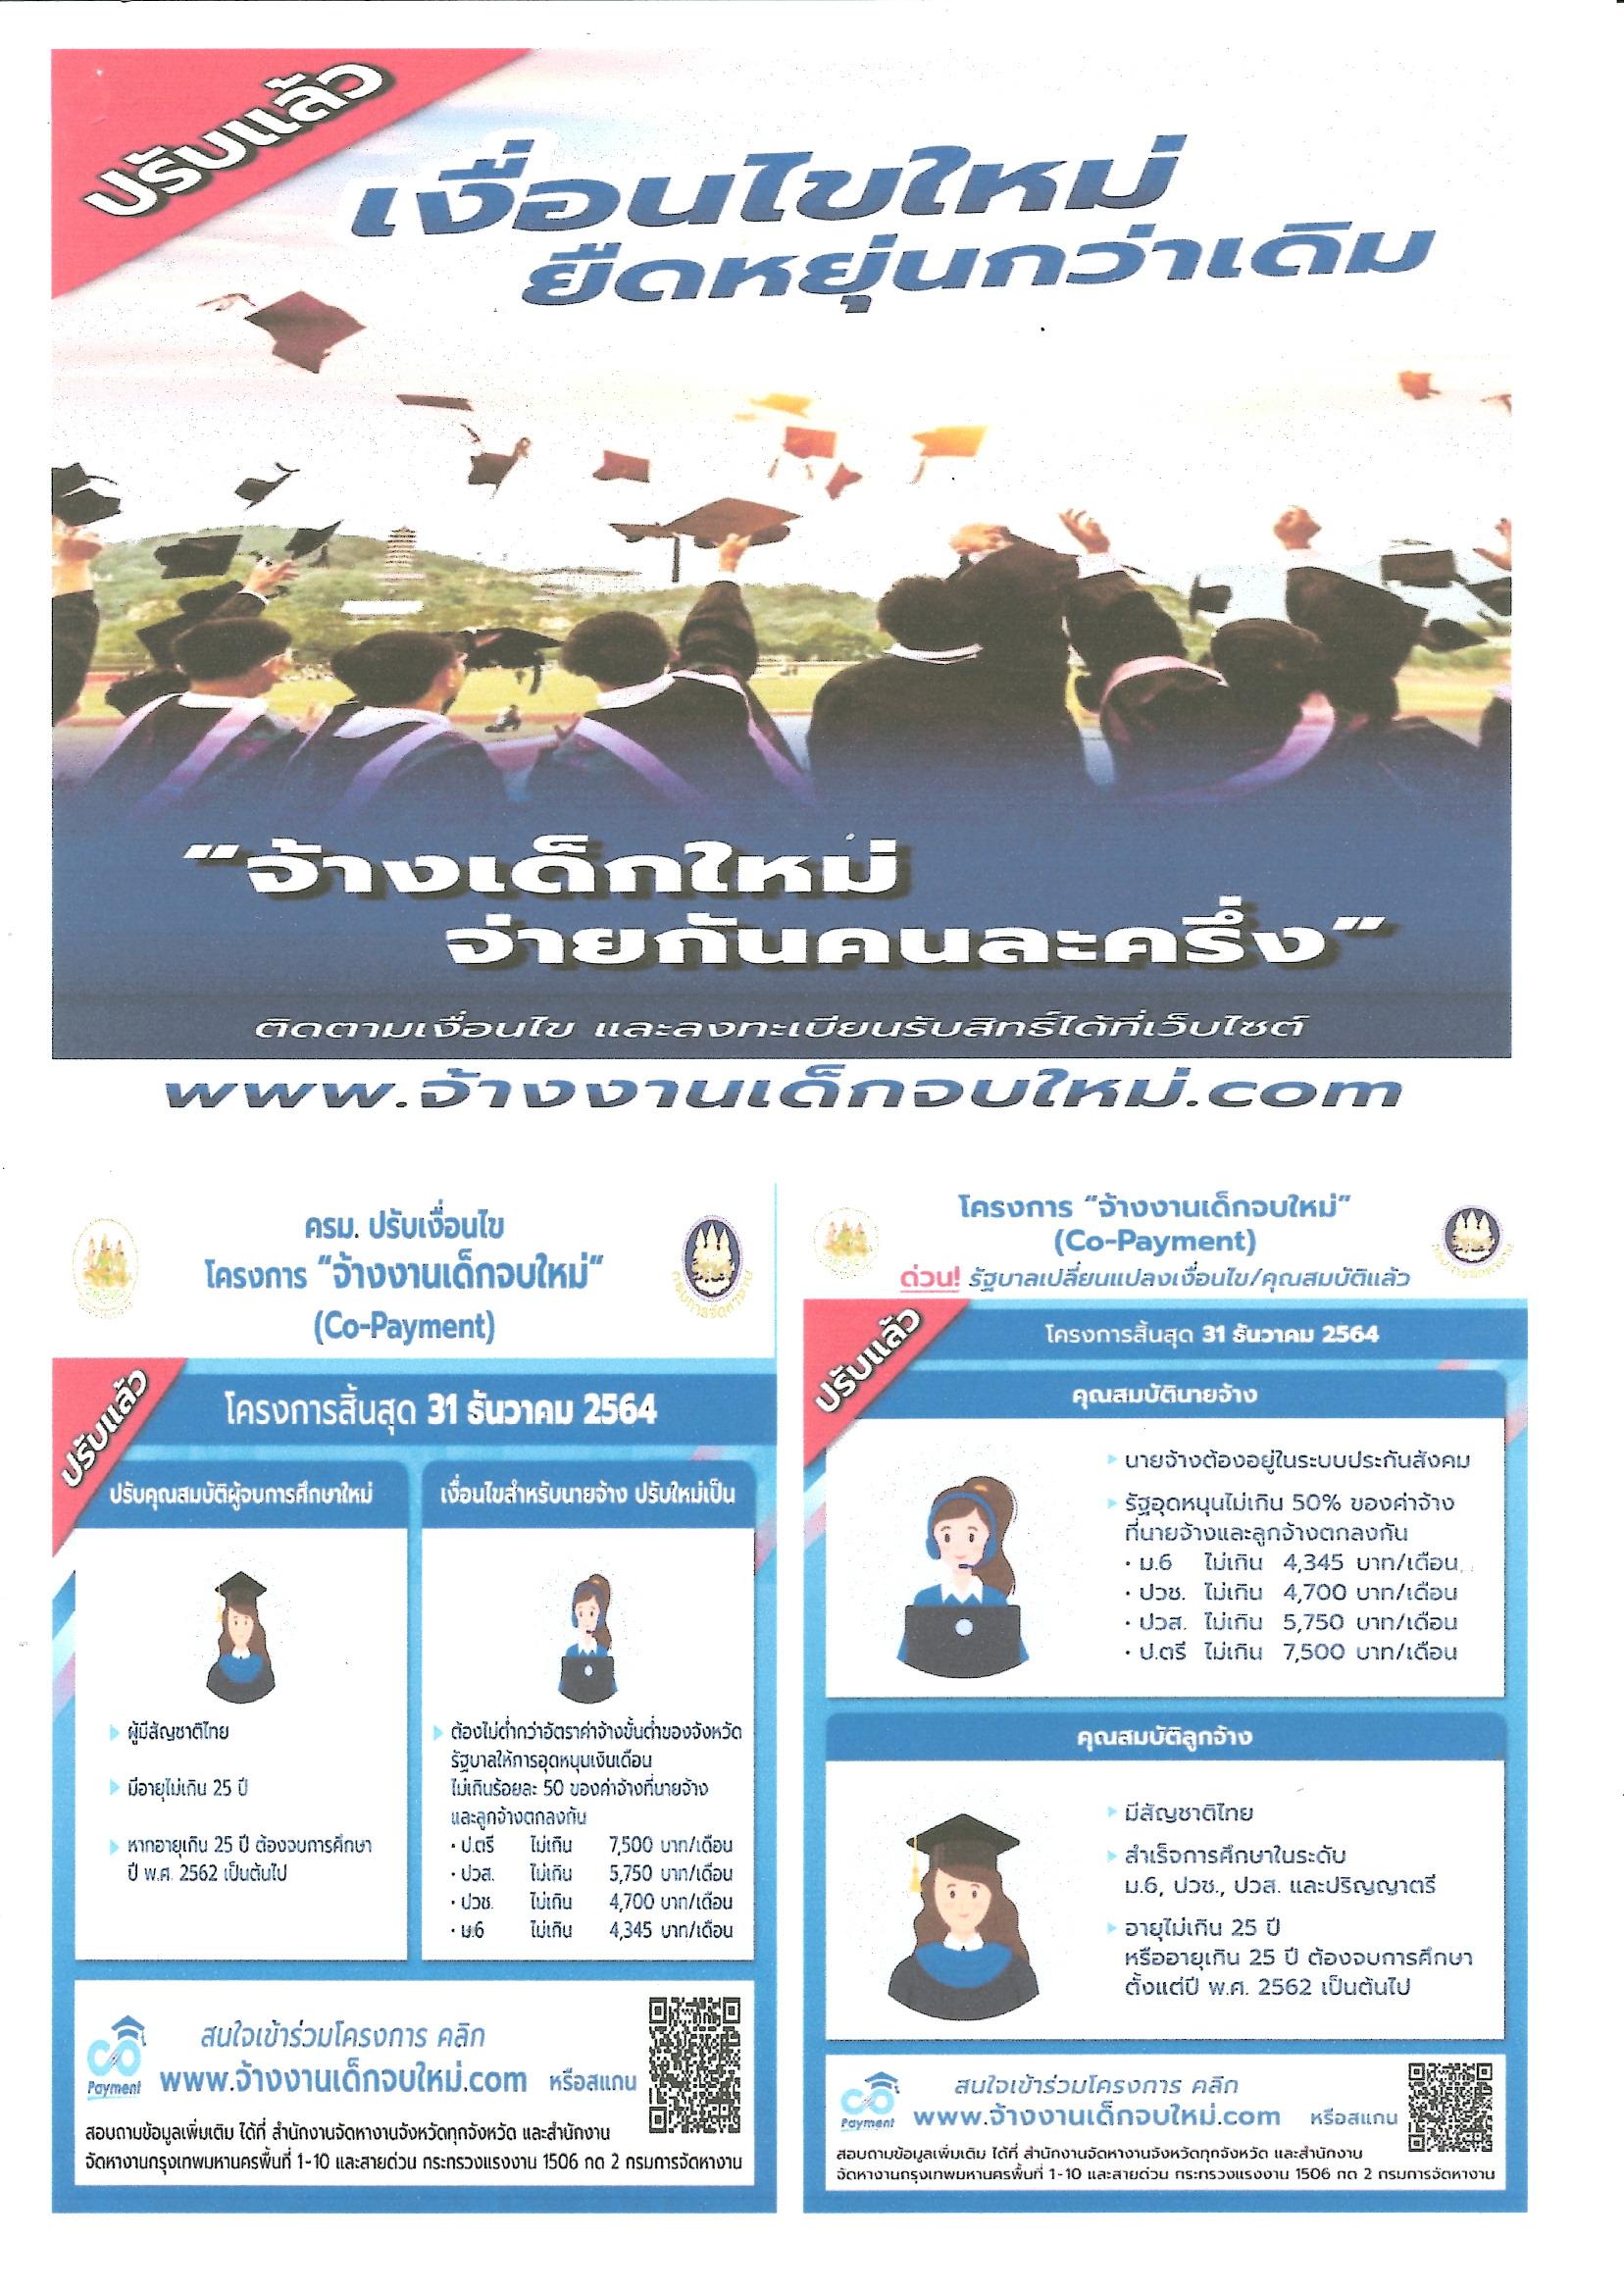 ประชาสัมพันธ์ โครงการส่งเสริมการจ้างงานใหม่สำหรับผู้จบการศึกษาใหม่ โดยภาครัฐและเอกชน (Co-Payment)